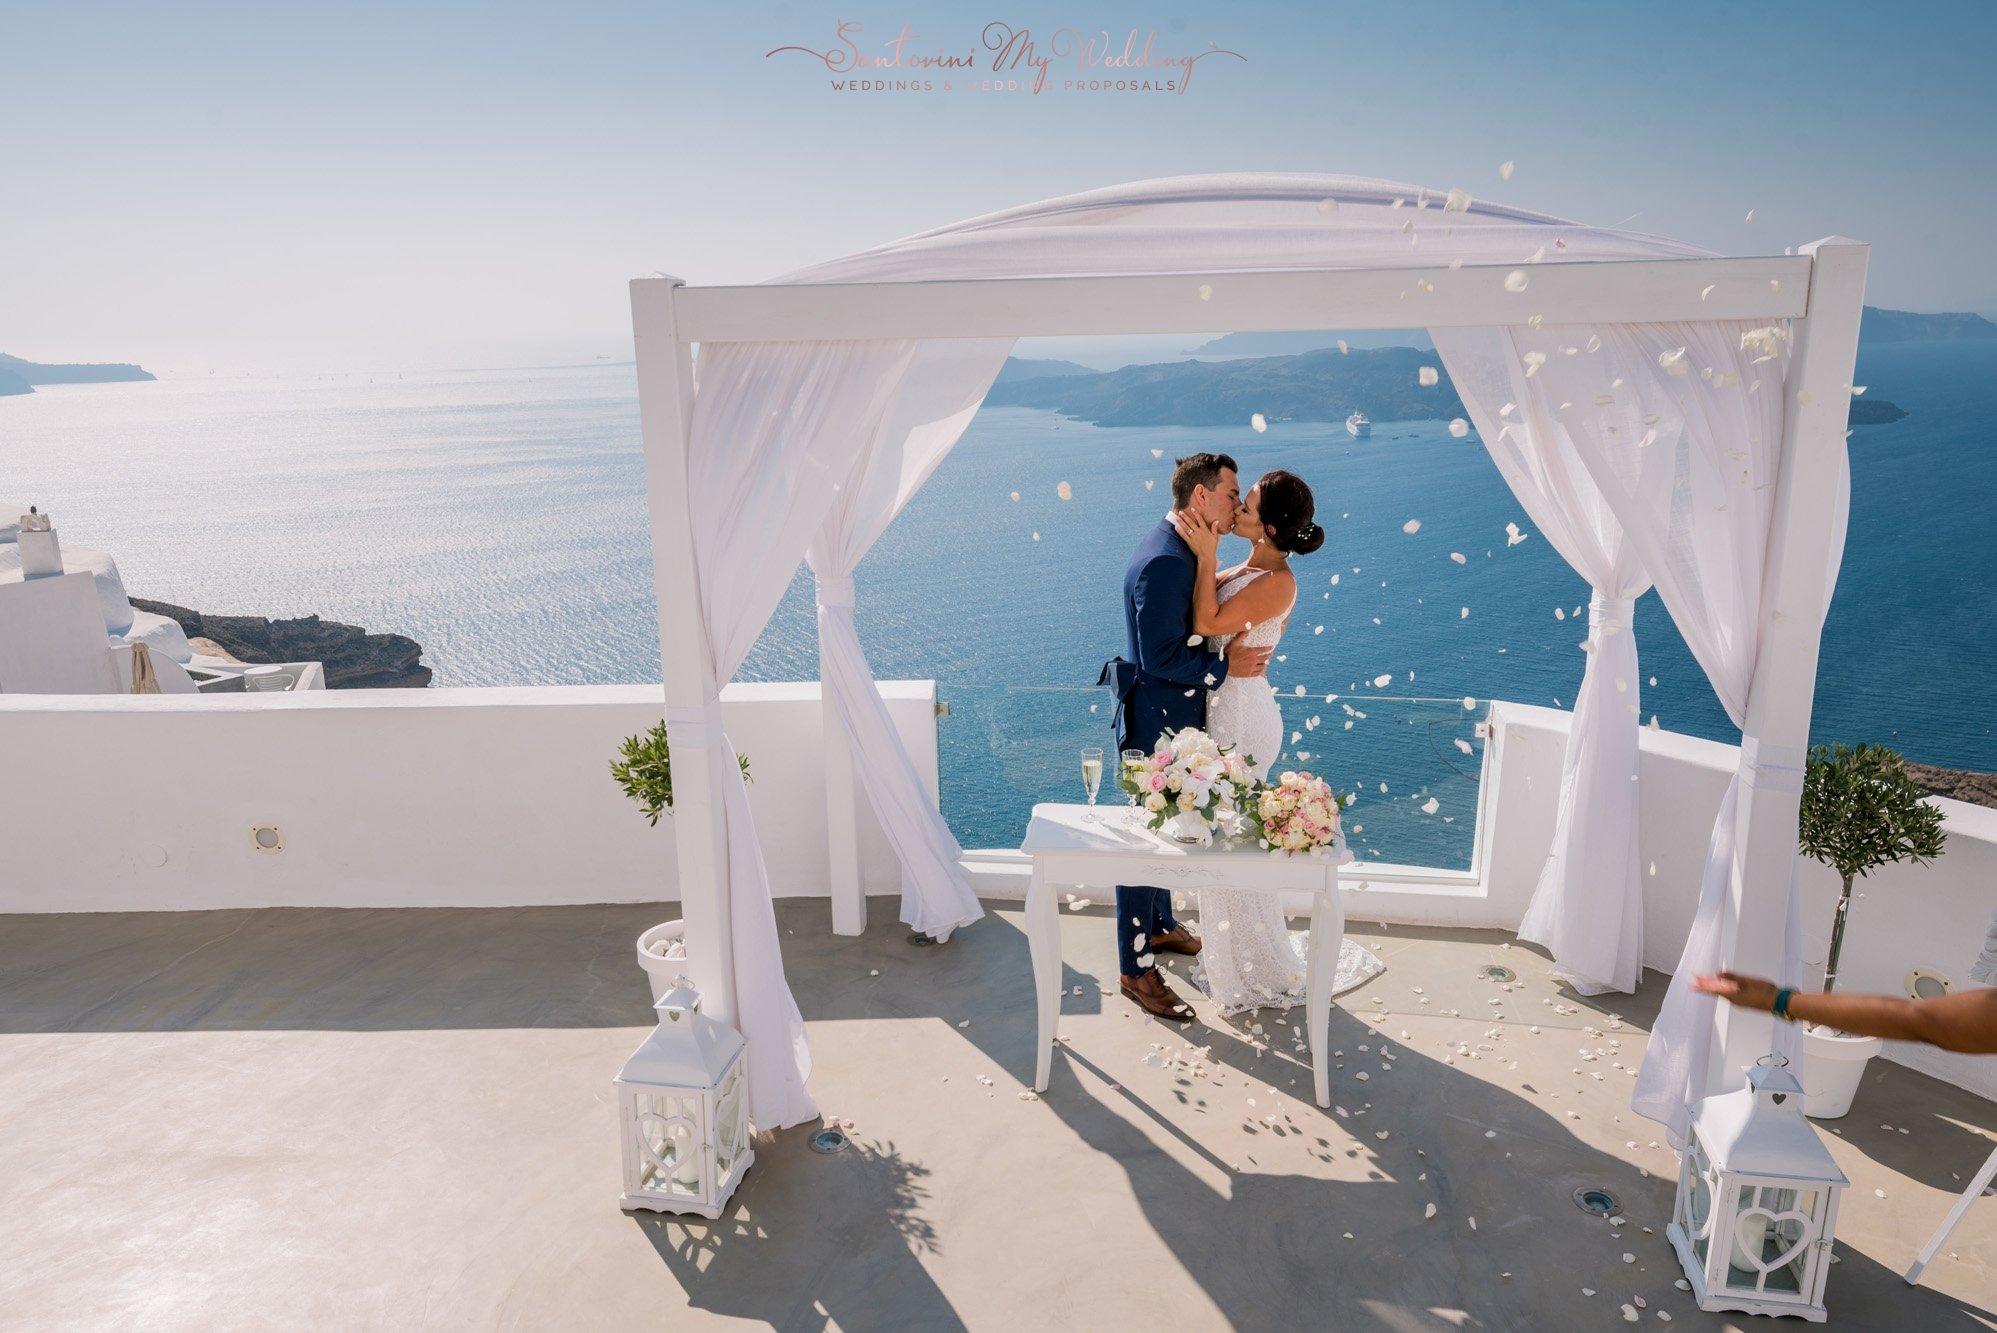 SantoriniMyWedding | santa irene wedding package